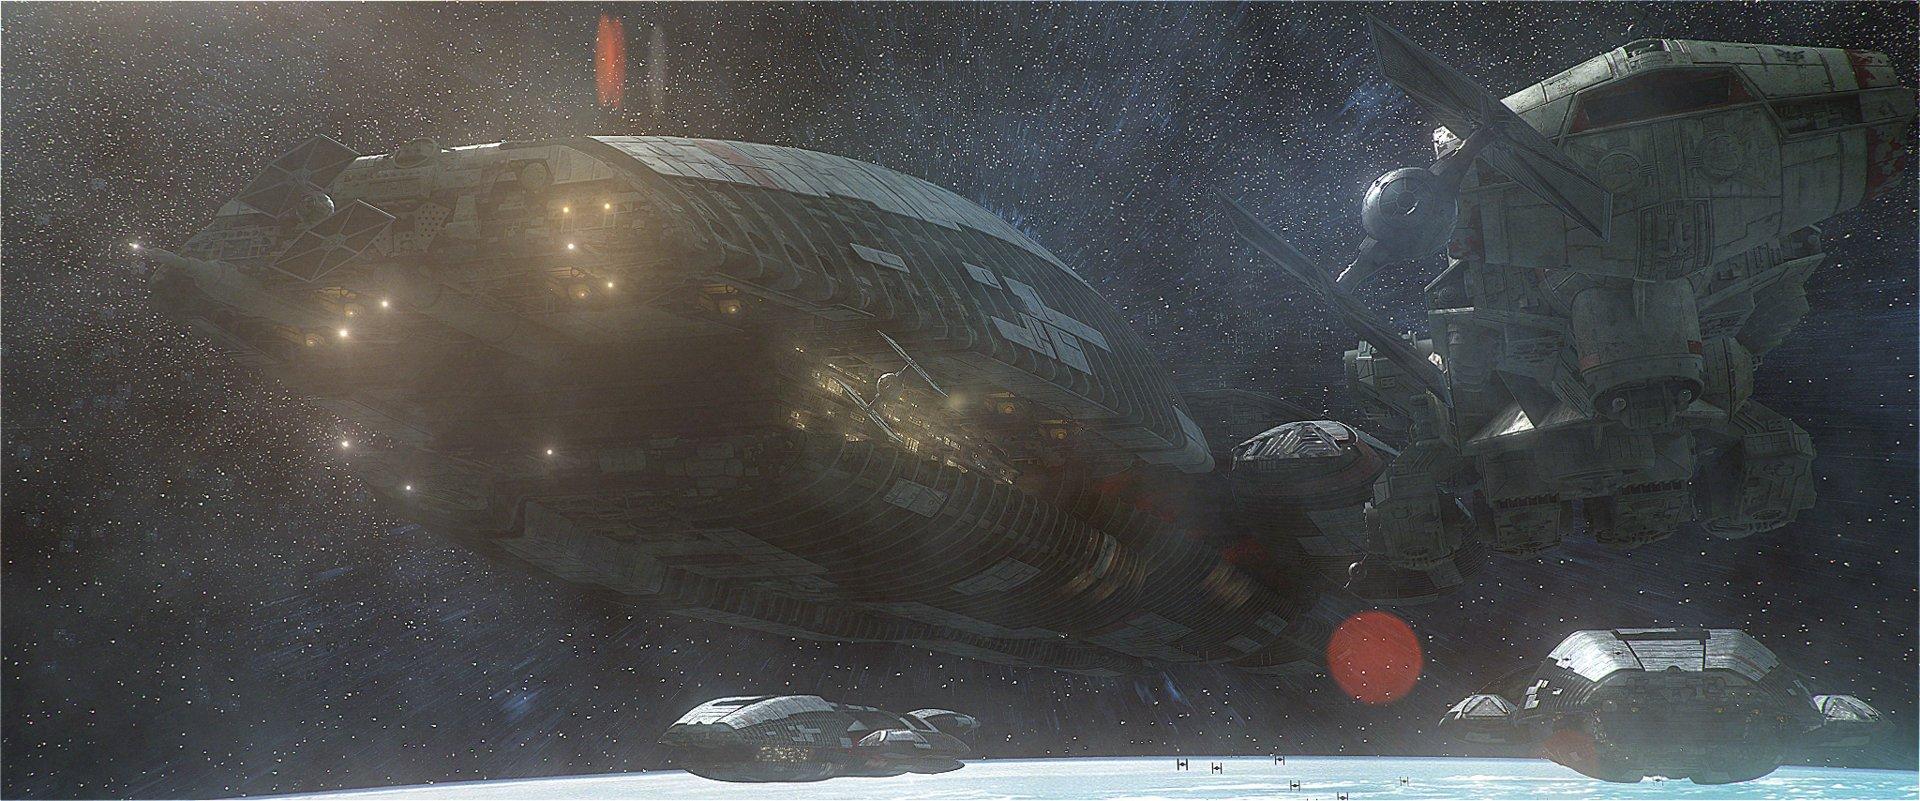 Galactica Model By Lee Stringer, Blockade Runner Model by Wes Chilton, Scott Kingston, and James Hibbert )